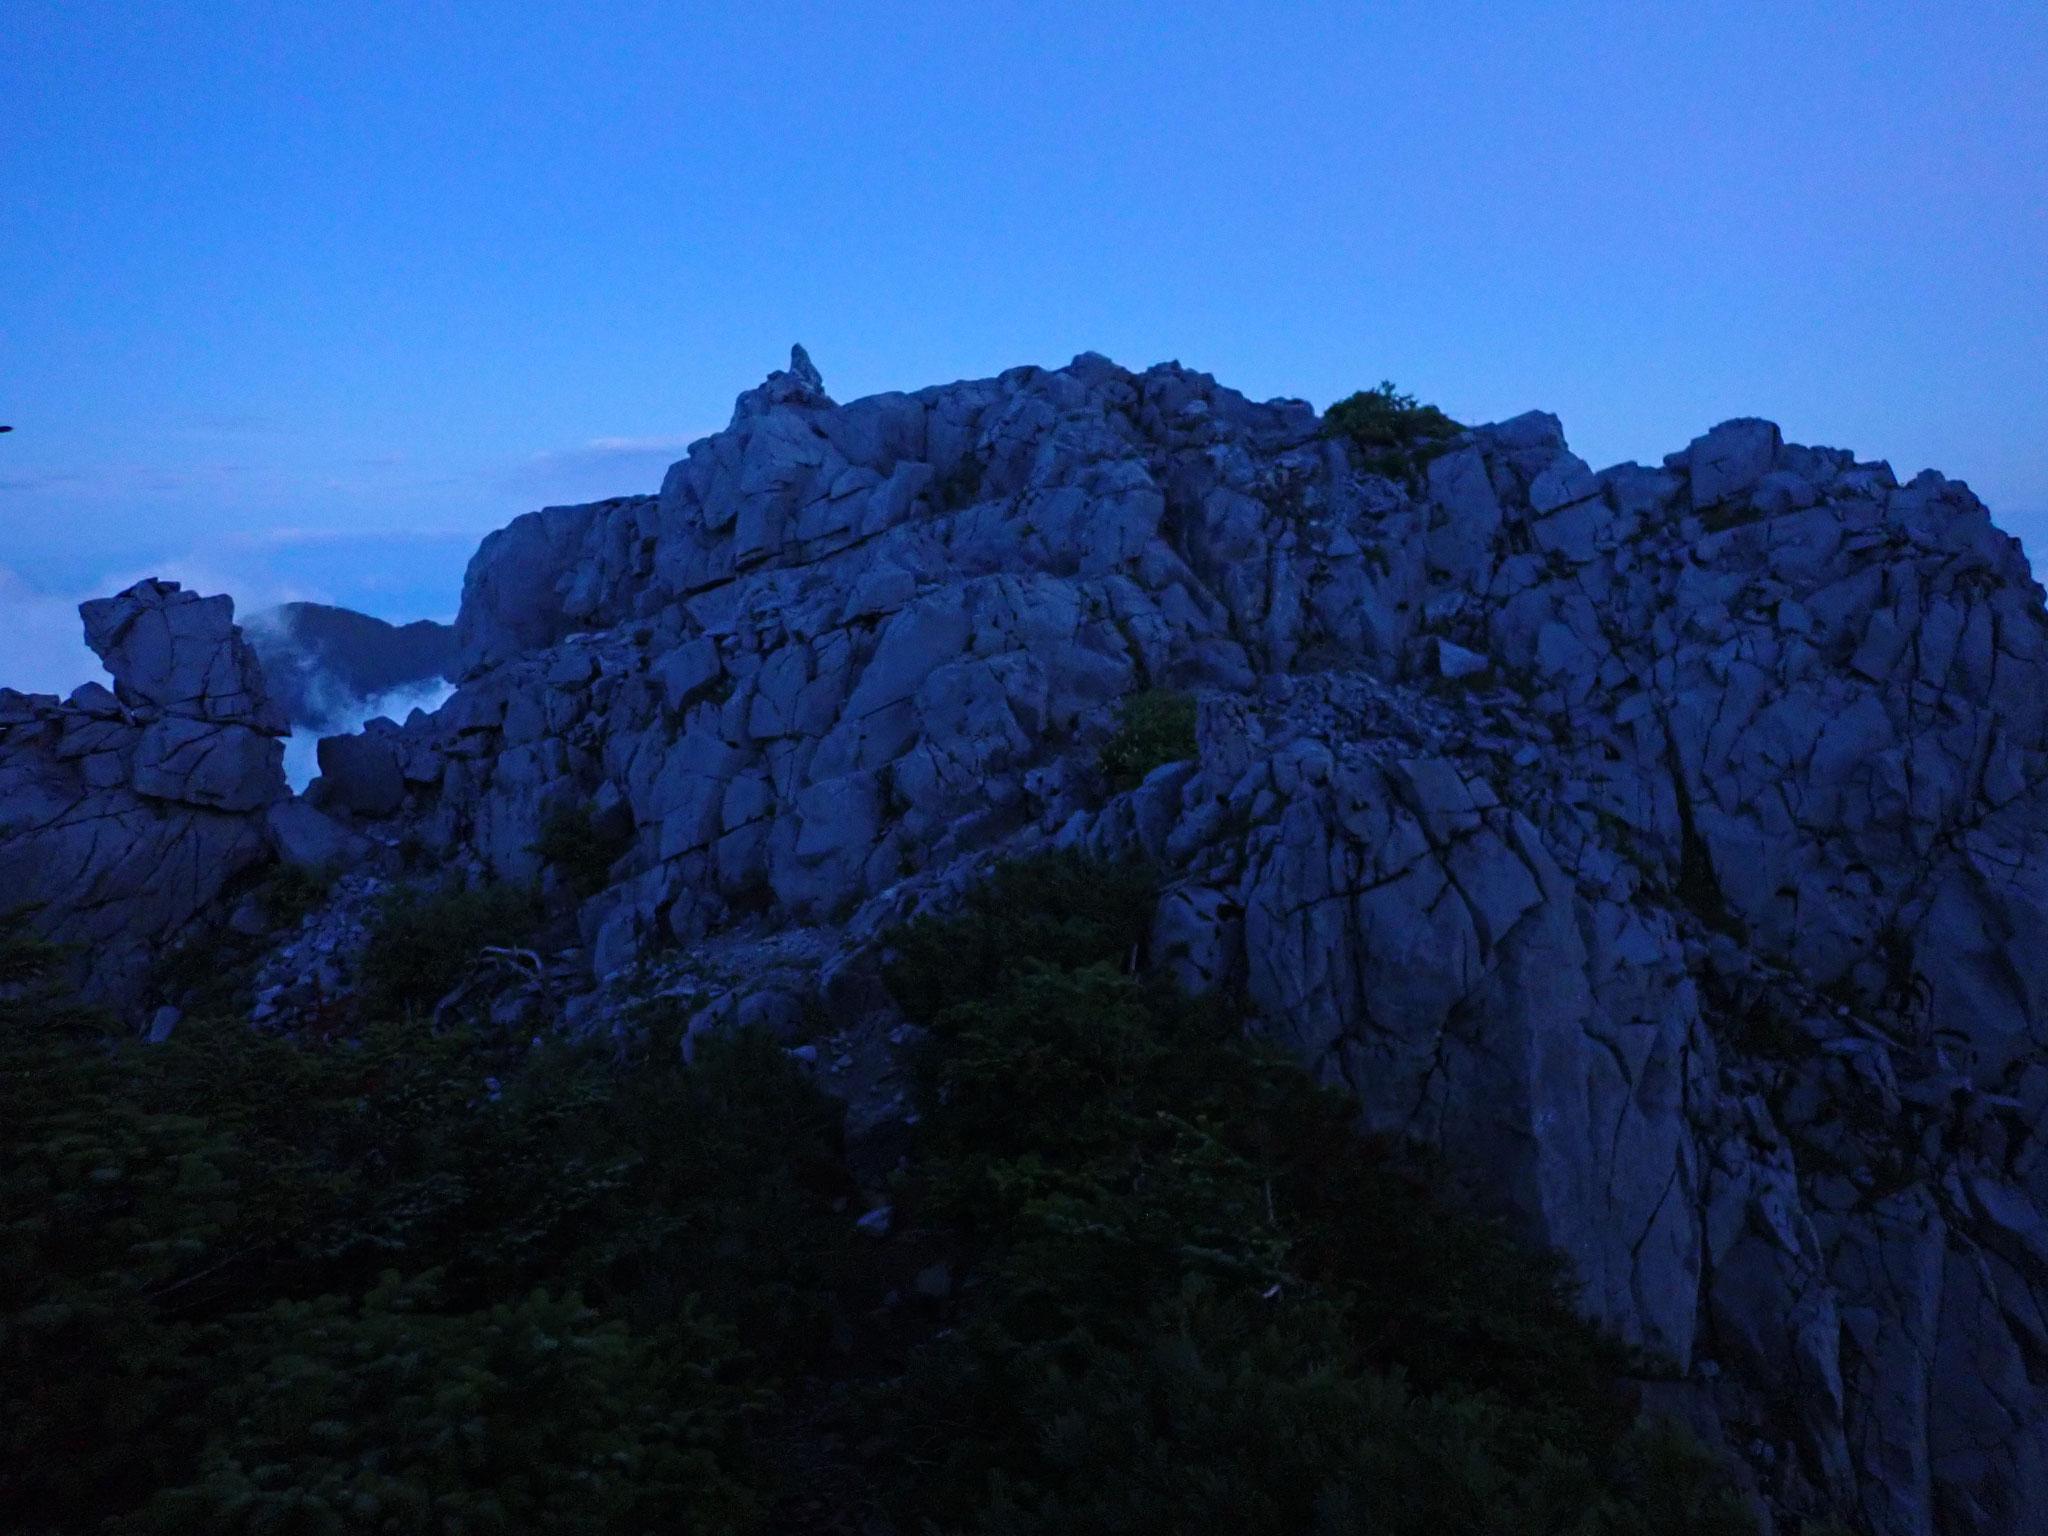 夜明けの光石は、青みがかった色で、威圧感があった